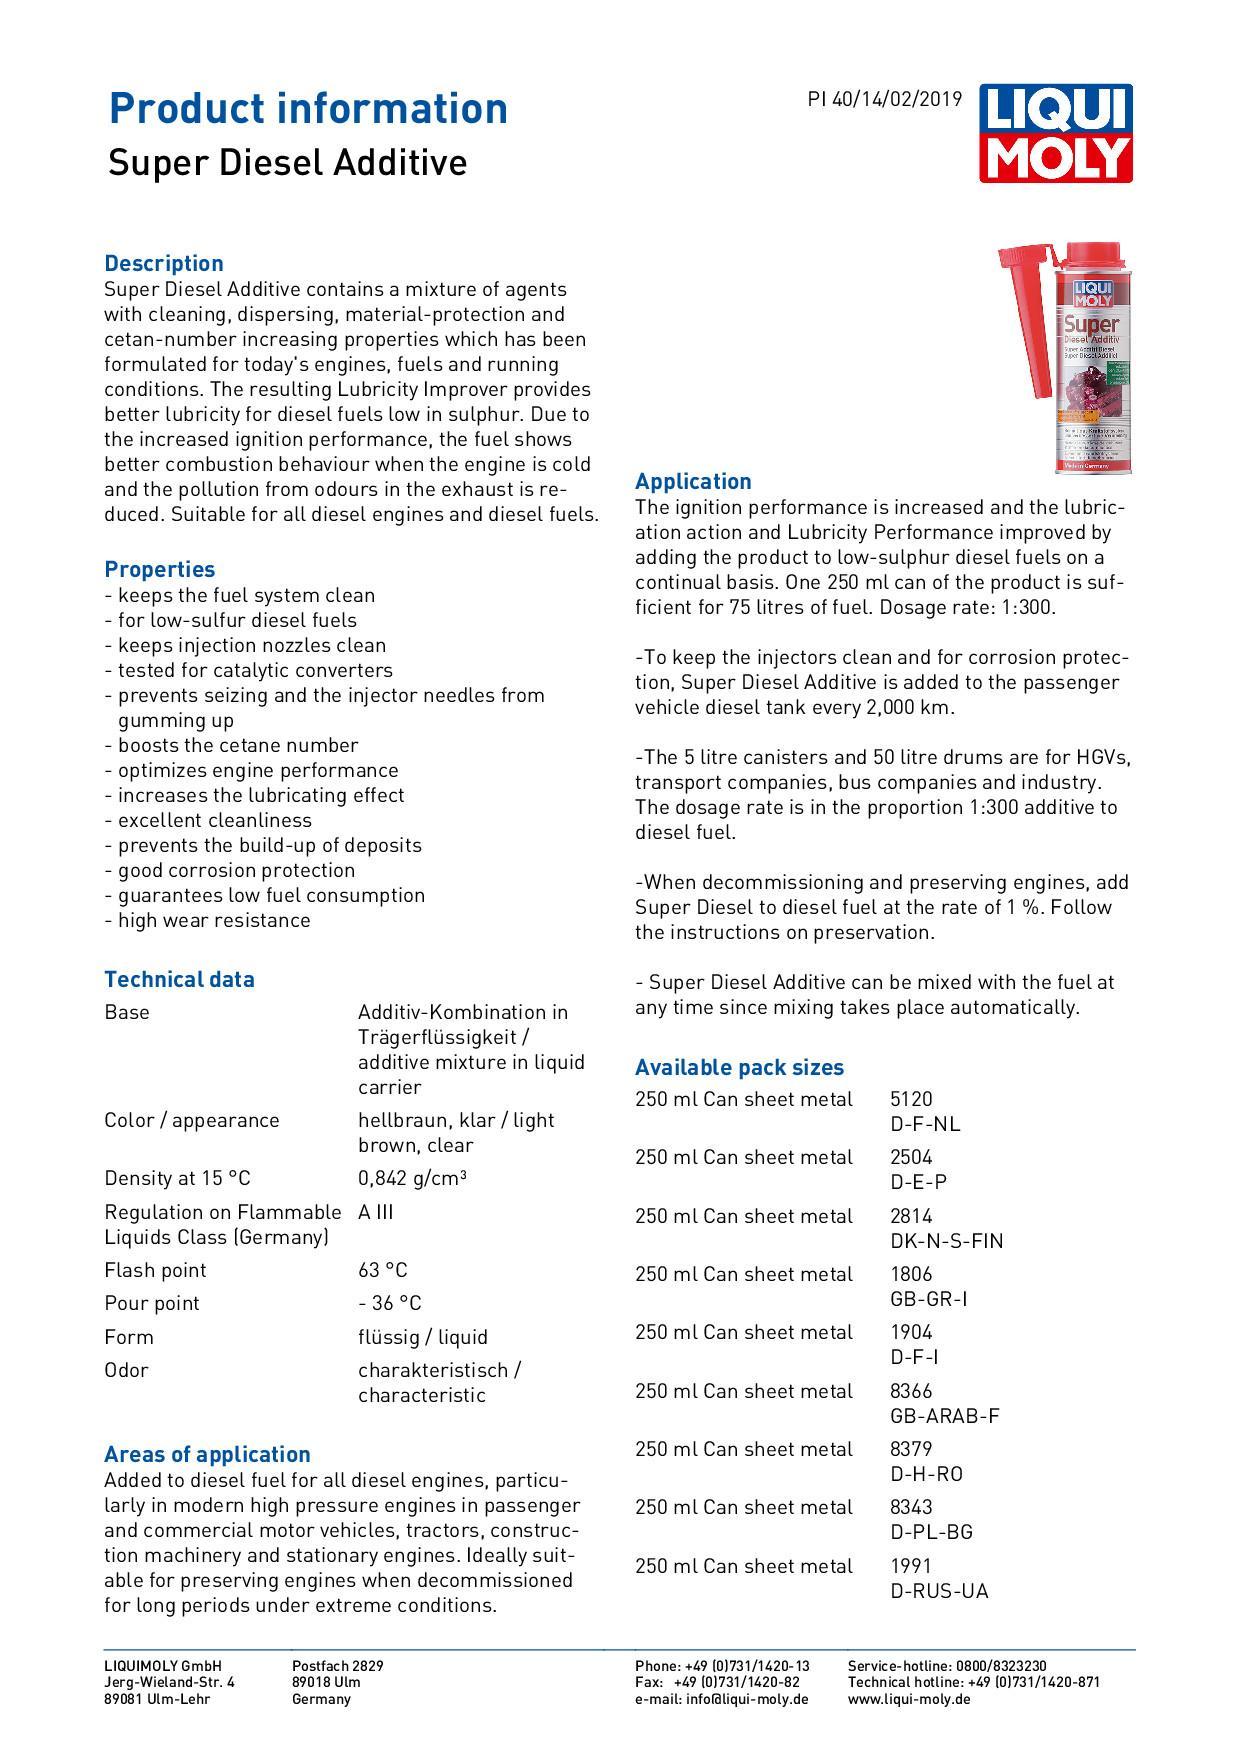 ข้อมูลเฉพาะของ LIQUI MOLY น้ำยาล้างหัวฉีด วาล์ว และห้องเผาไหม้ เครื่องยนต์ดีเซล Super Diesel Additive 250 มล.